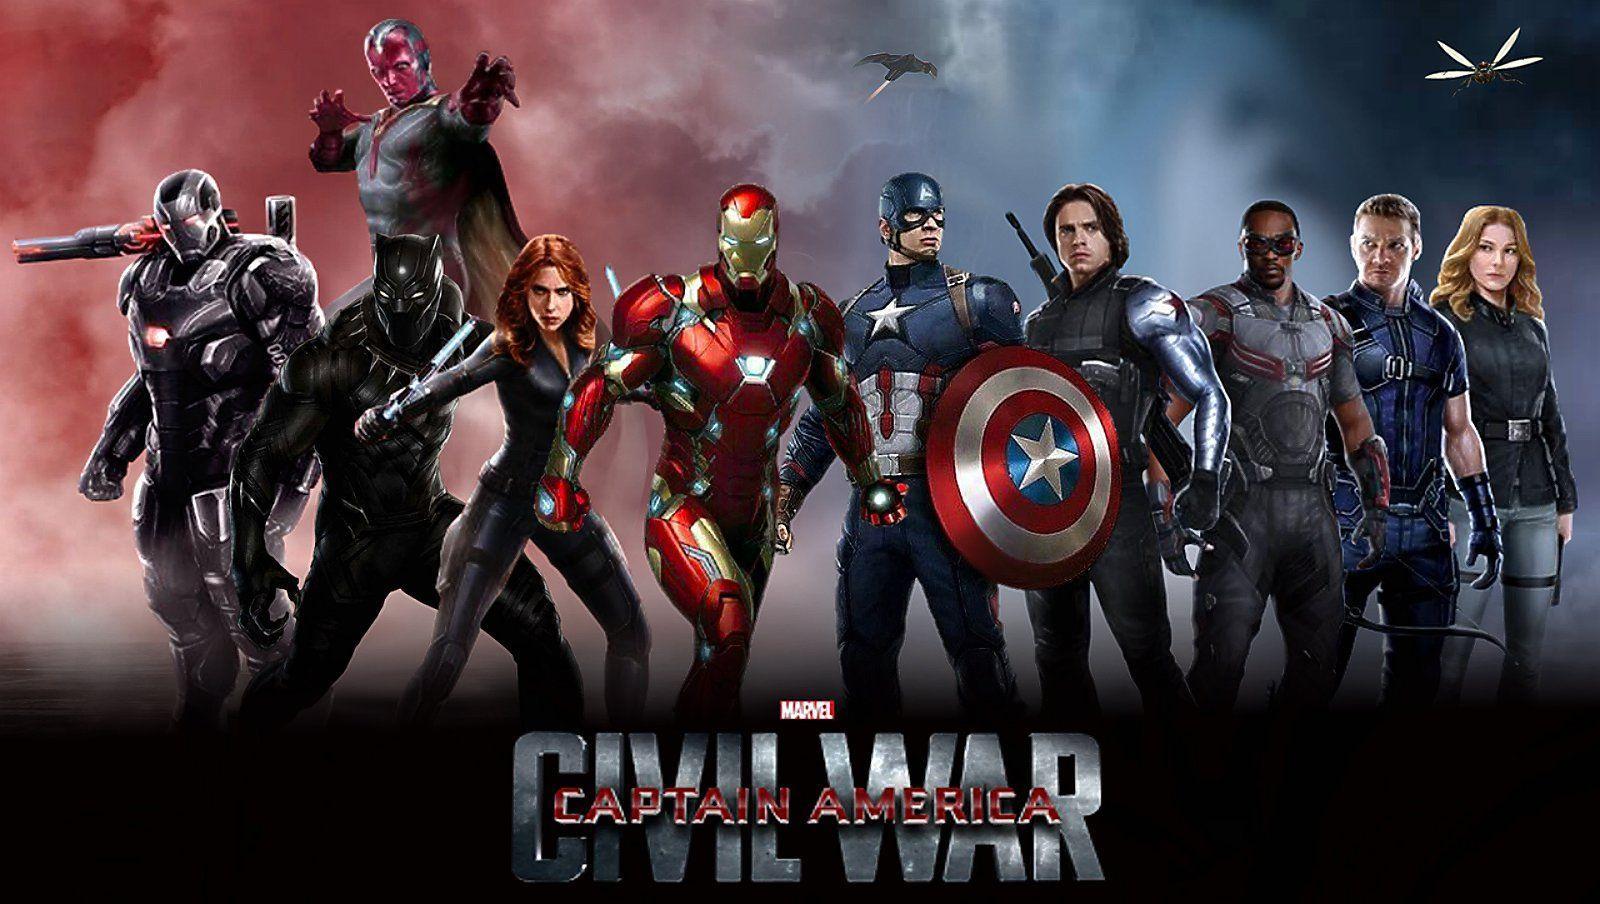 Civil War Captain America Wallpapers Top Free Civil War Captain